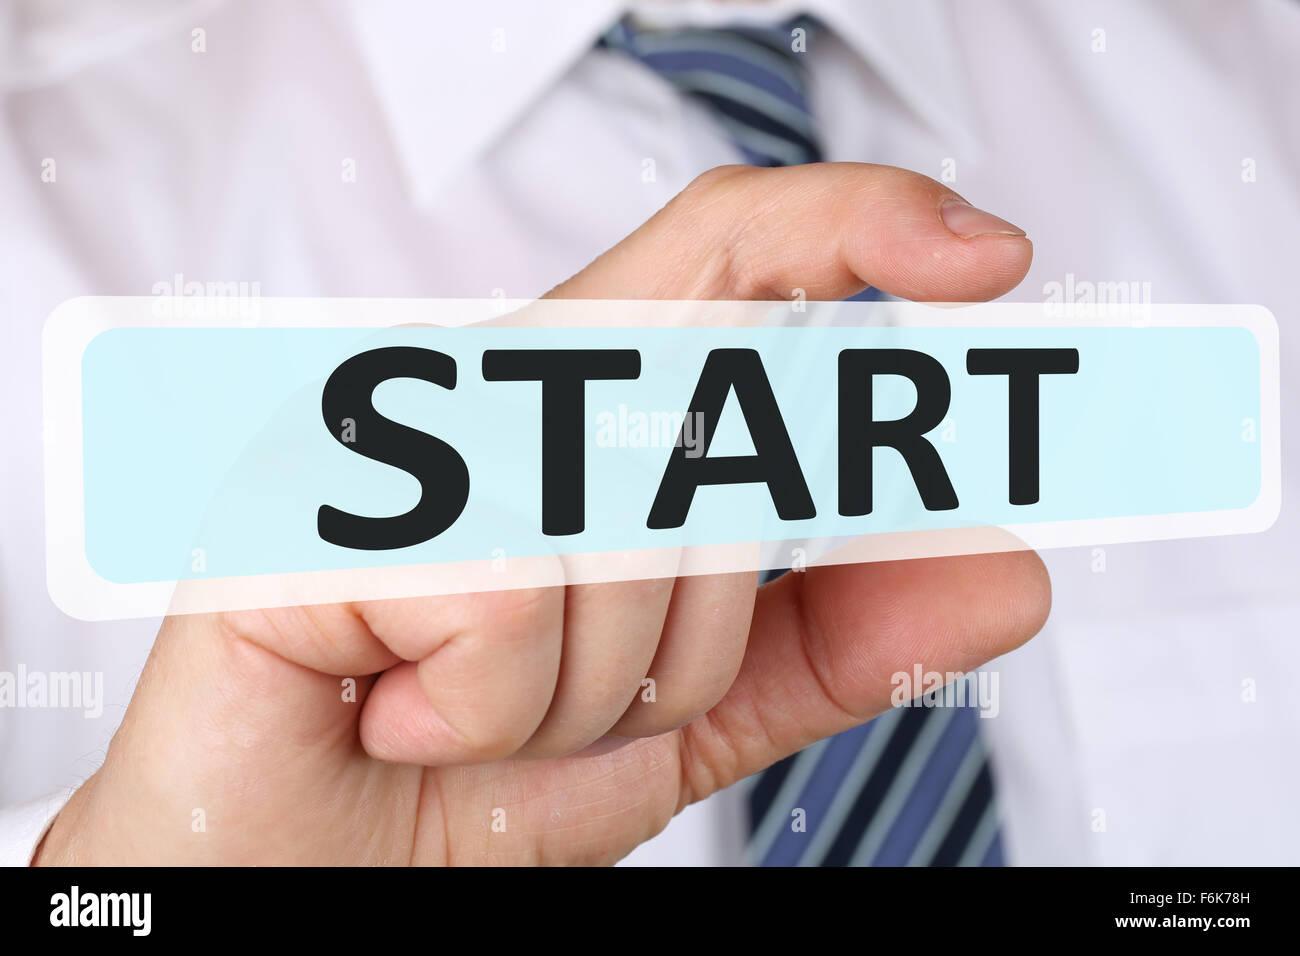 Unternehmer-Business-Konzept mit erfolgreichen Start ab Anfang beginnen Stockbild